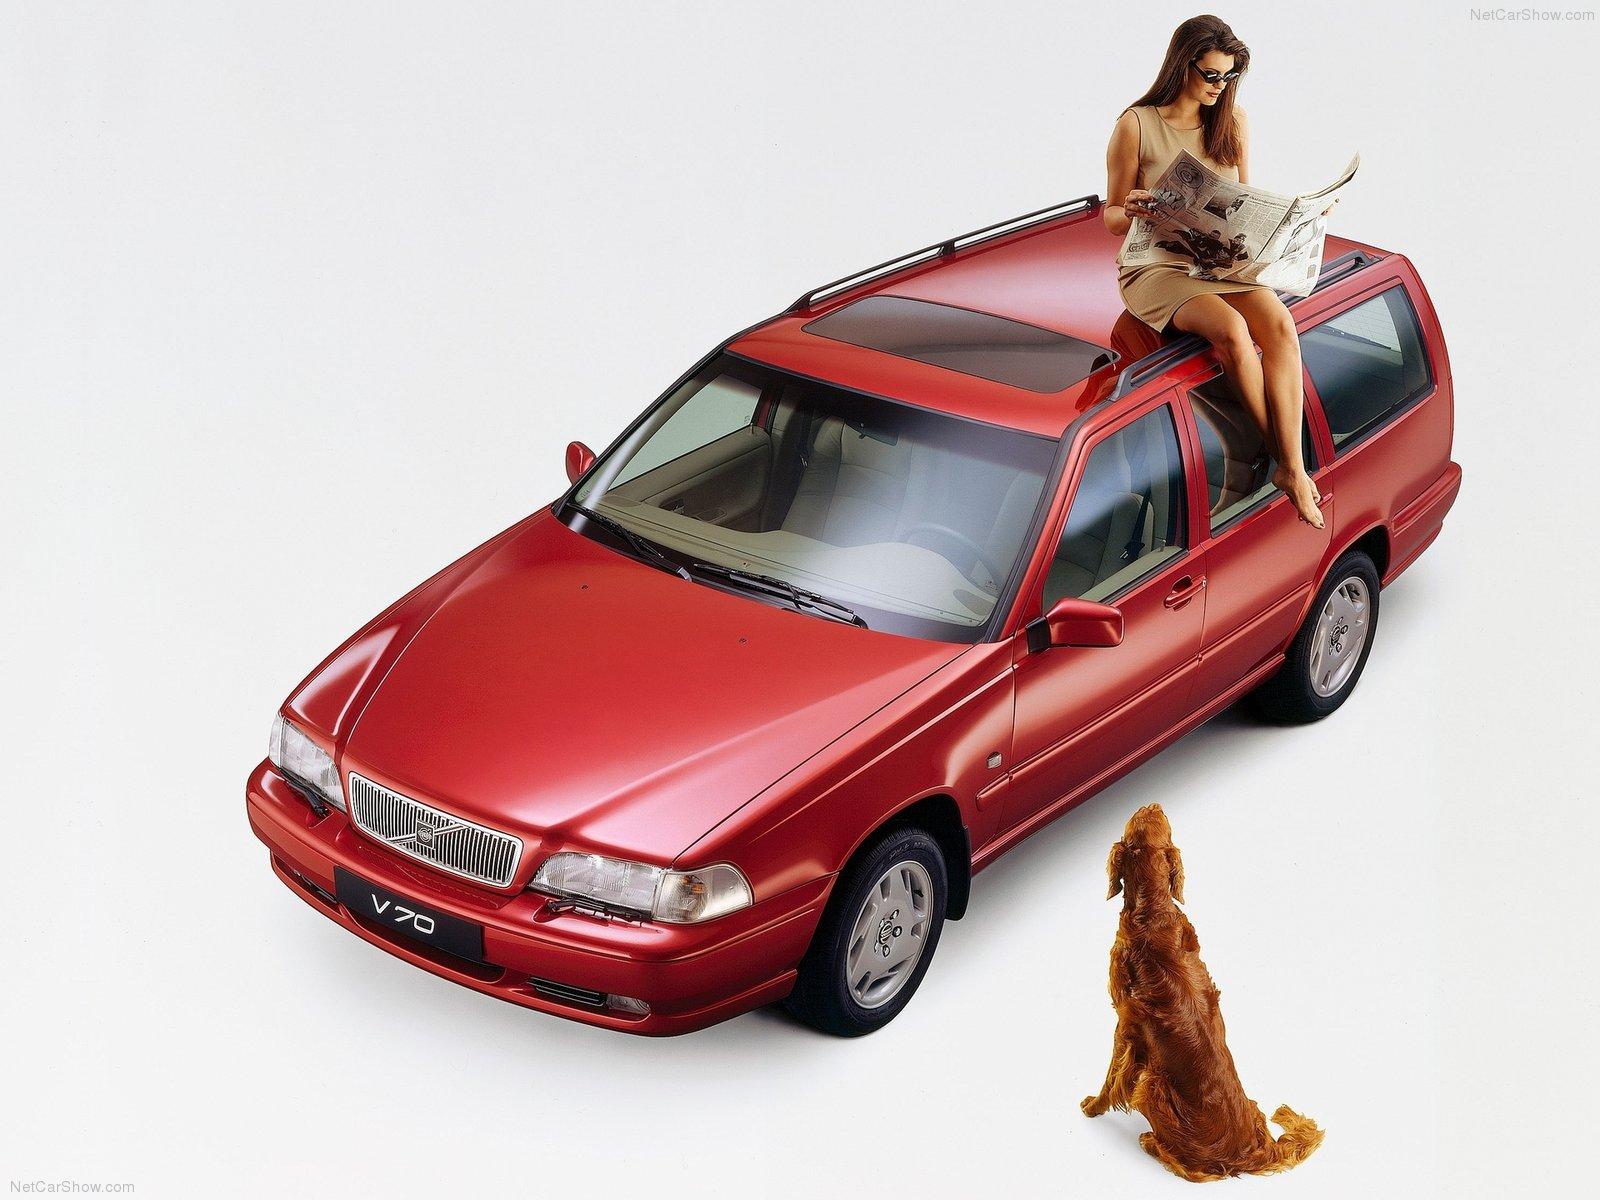 Volvo V70 1997 Volvo-V70-1997-1600-04